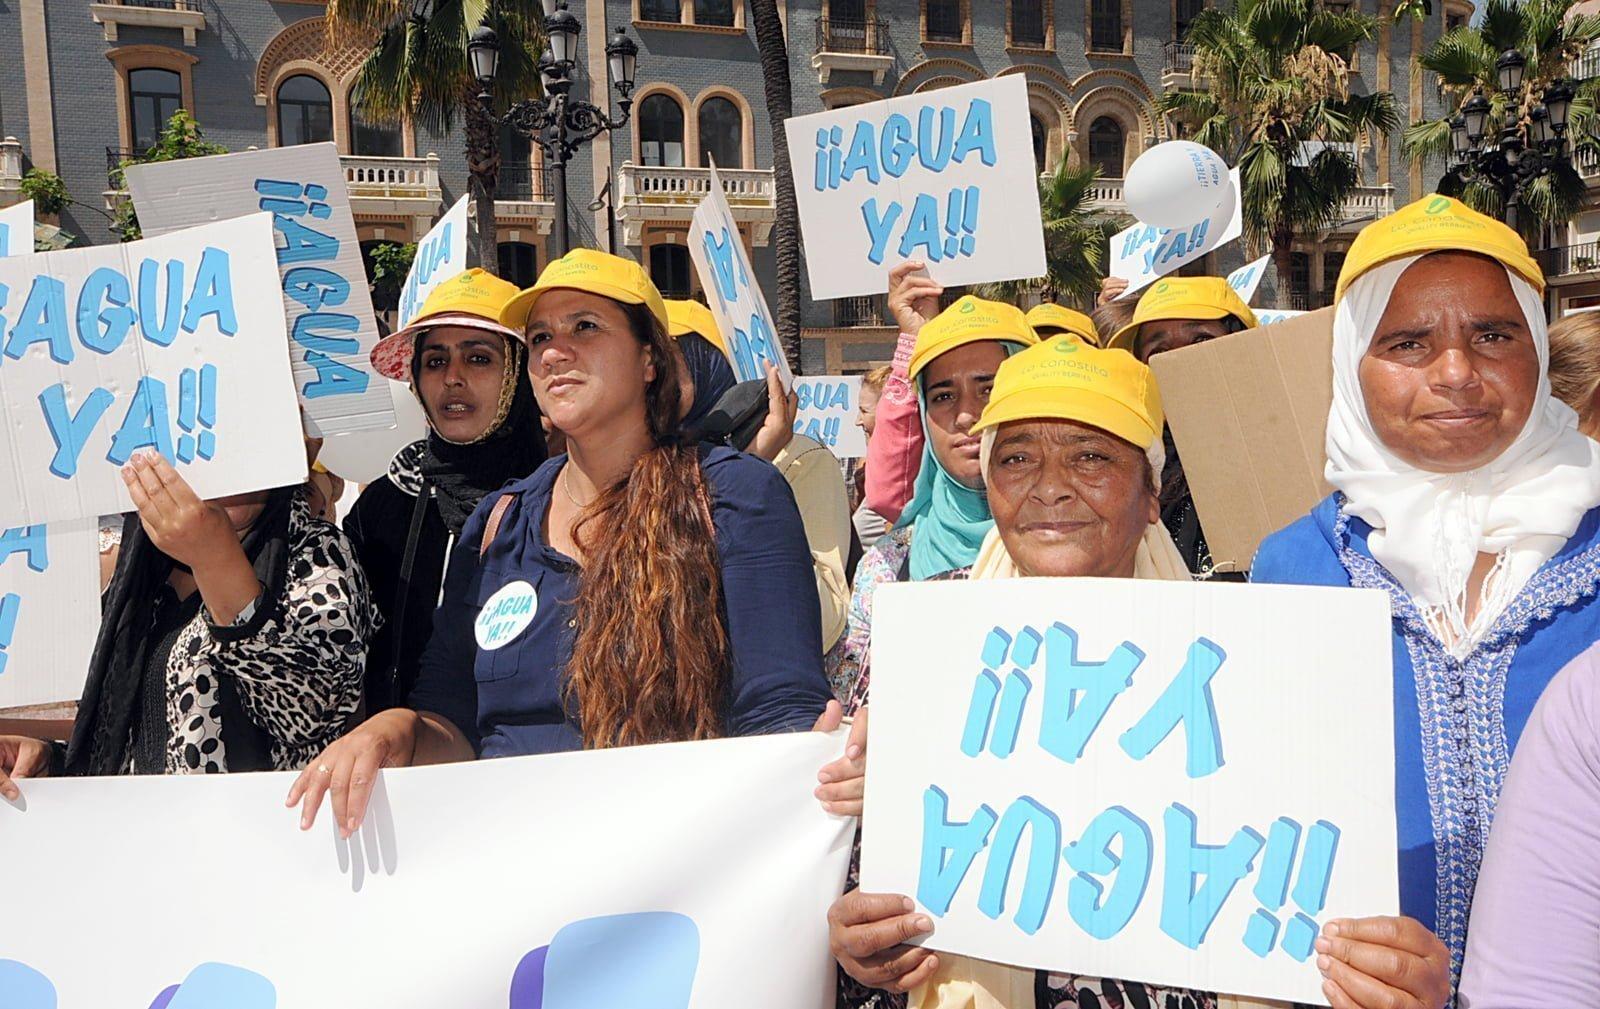 """Los manifestantes acusan al Gobierno de haber """"vendido"""" en elecciones """"un agua que ahora no existe"""""""